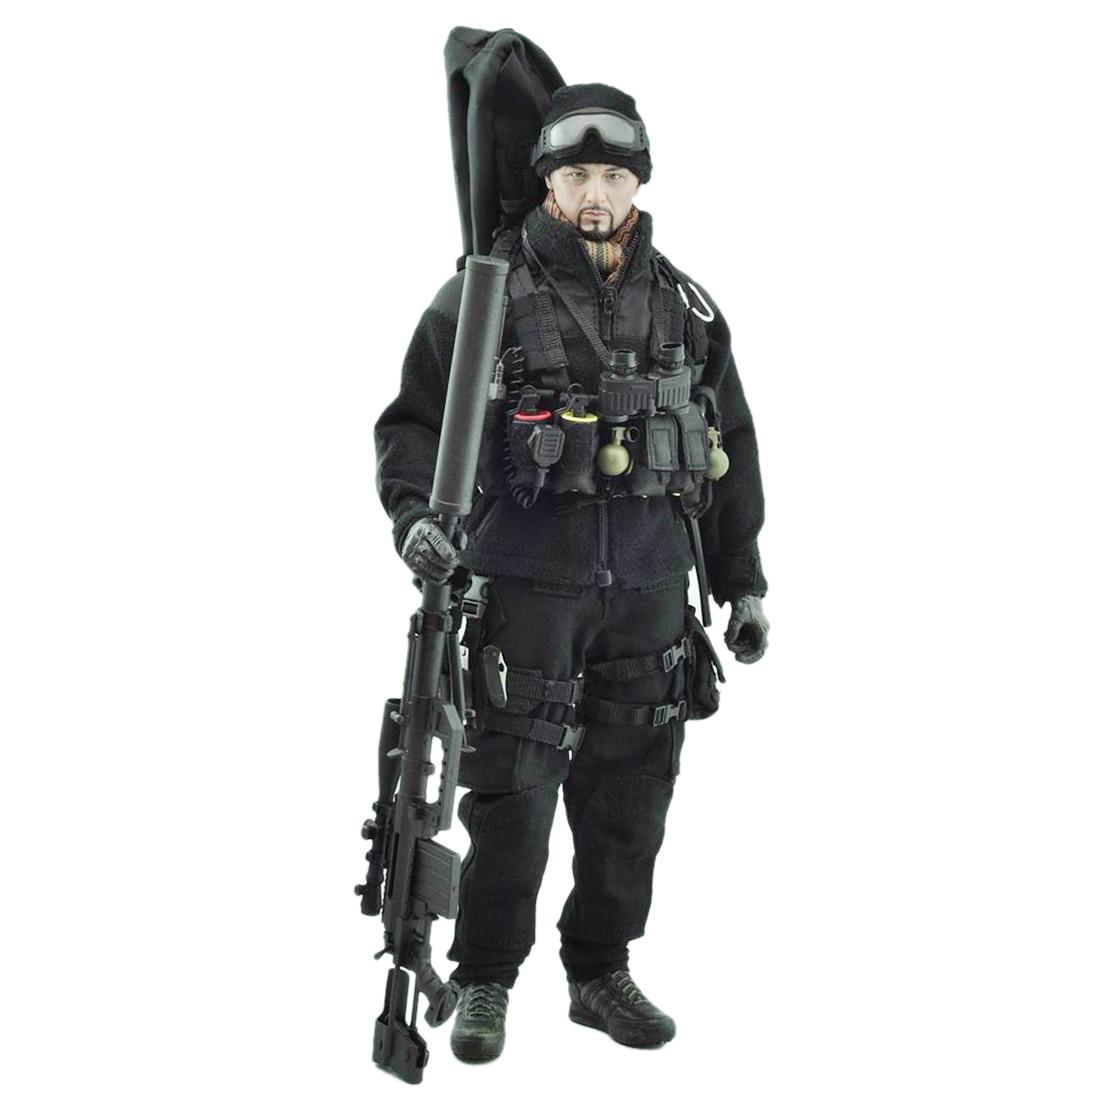 VeryHot الجندي نموذج دعوى أسود مهمة قناص موحدة المعدات ل 1/6 12 بوصة الجندي نموذج هدية (الجسم رئيس لا وشملت)-في شخصيات دمى وحركة من الألعاب والهوايات على  مجموعة 1